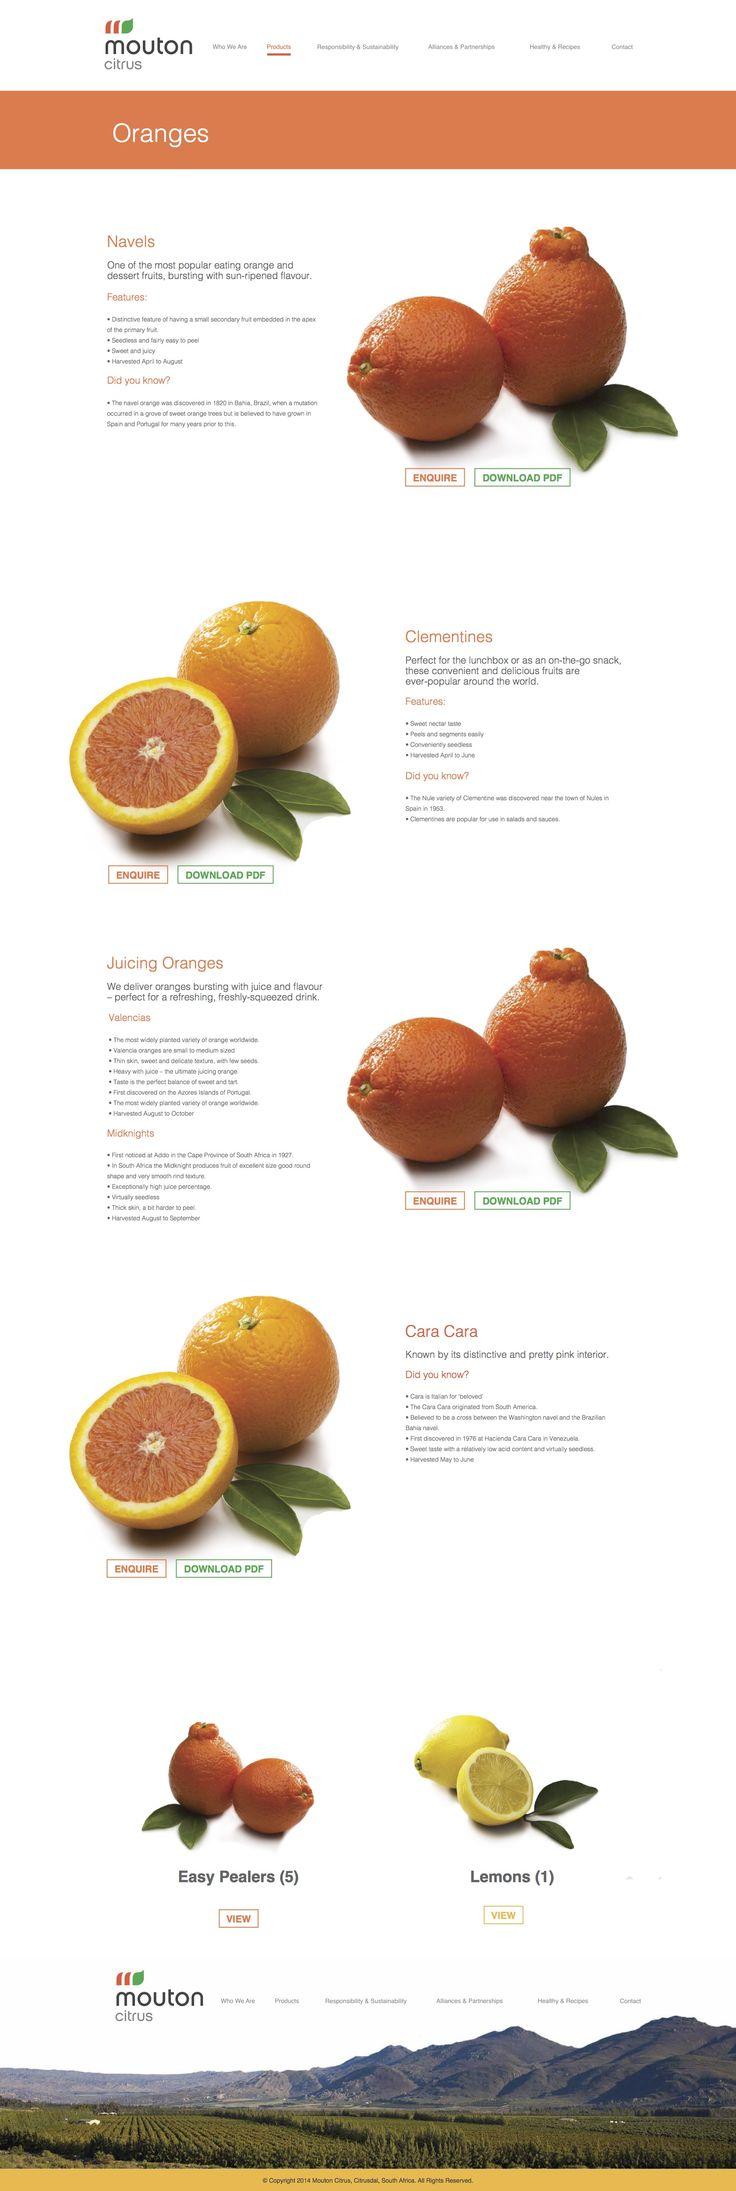 Mouton citrus, parallax, web design, UI, UX, fruit, farm, product layout